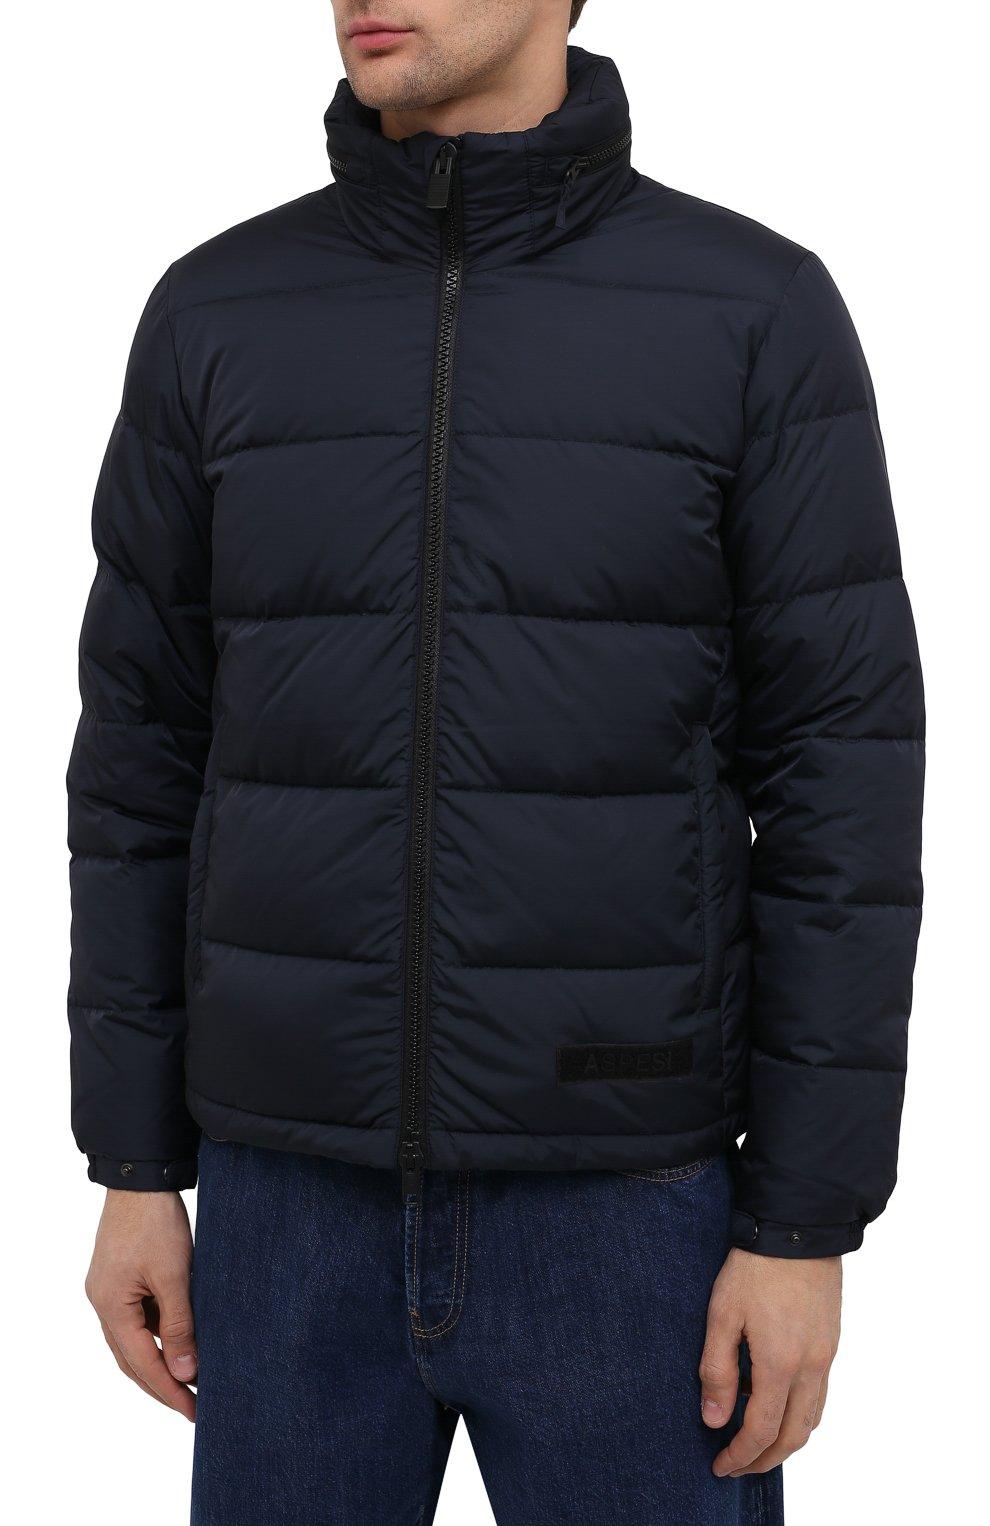 Мужская пуховая куртка ASPESI темно-синего цвета, арт. W0 I I018 7954 | Фото 3 (Кросс-КТ: Куртка, Пуховик; Мужское Кросс-КТ: пуховик-короткий, Пуховик-верхняя одежда, Верхняя одежда; Рукава: Длинные; Материал внешний: Синтетический материал; Материал подклада: Синтетический материал; Длина (верхняя одежда): Короткие; Стили: Кэжуэл)